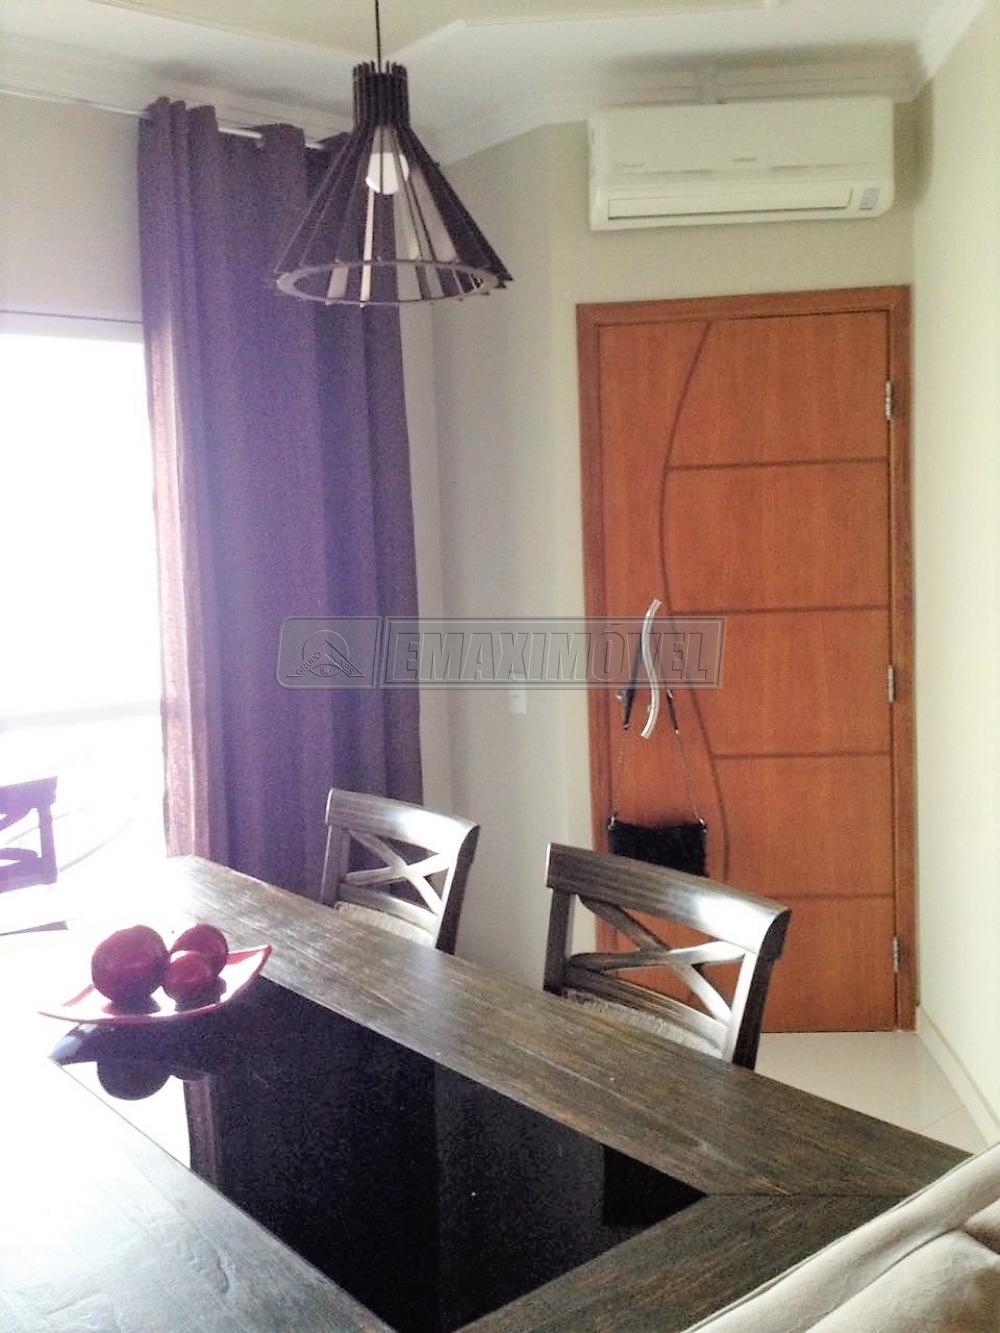 Comprar Casas / em Condomínios em Sorocaba apenas R$ 600.000,00 - Foto 2